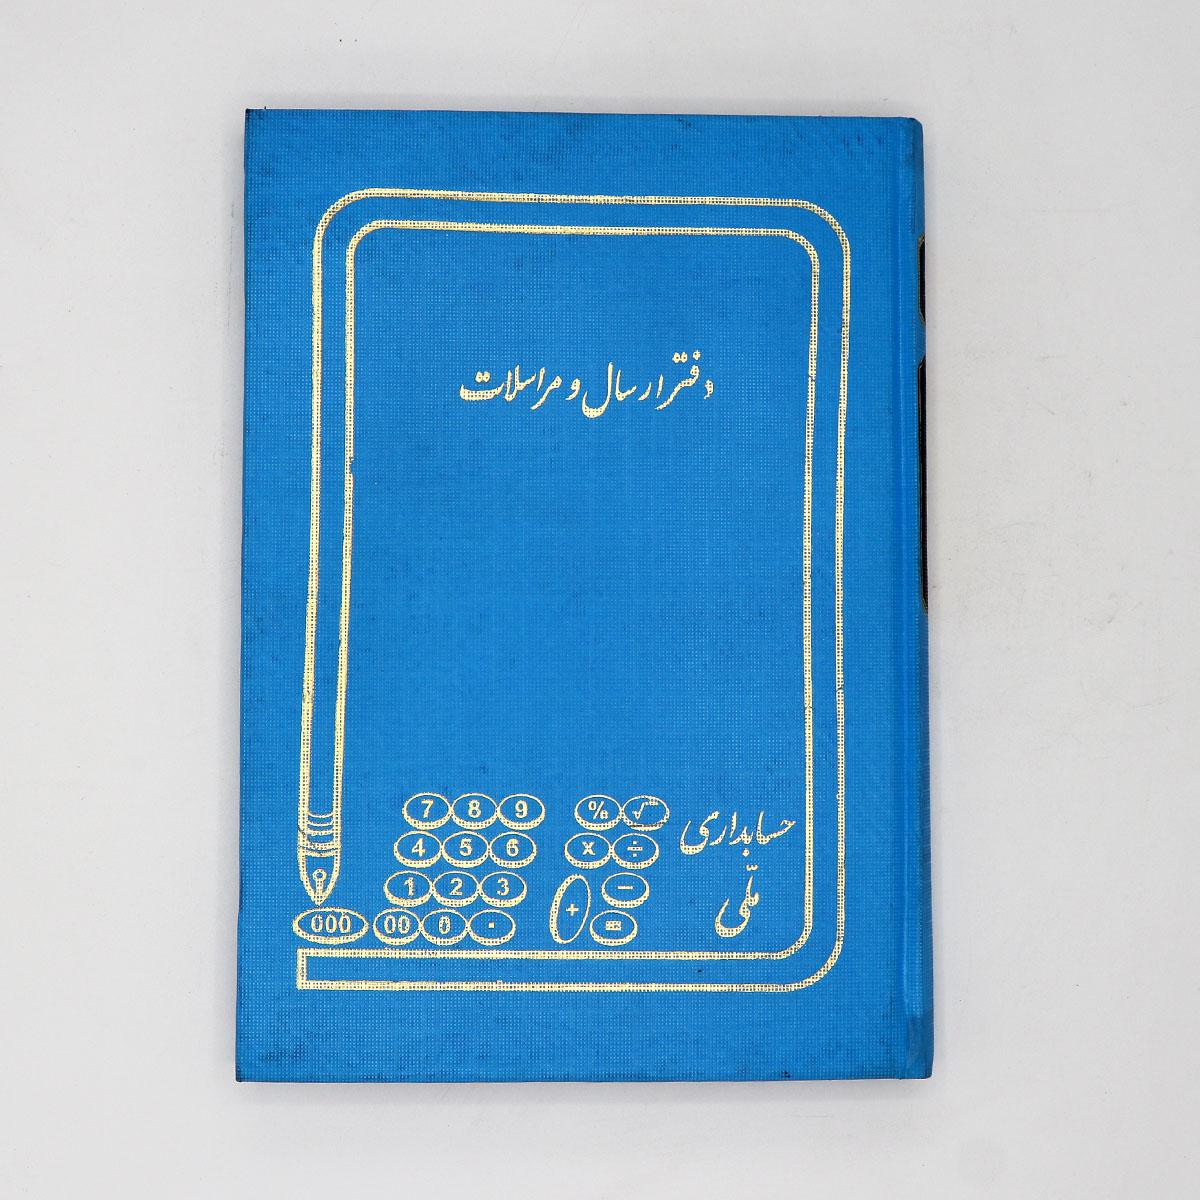 دفتر 160برگ ارسال و مراسلات خشتی شقایق